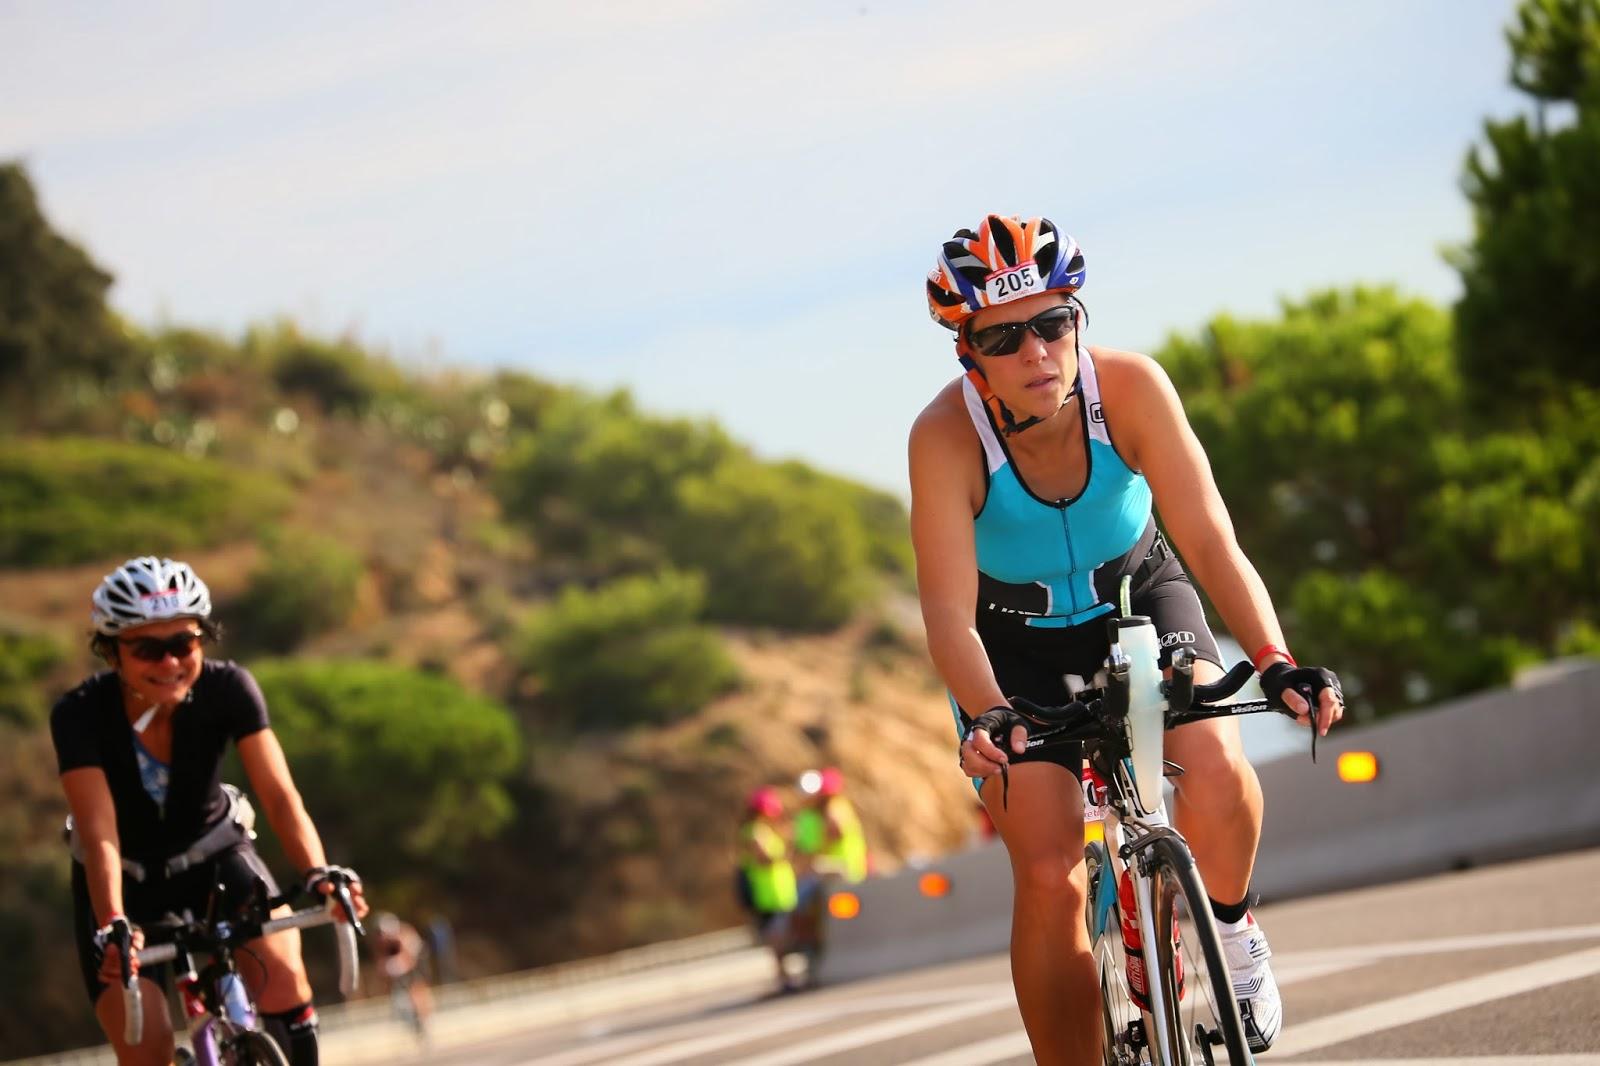 Piernas en bicicleta Fuente: www.martatriatlon.com